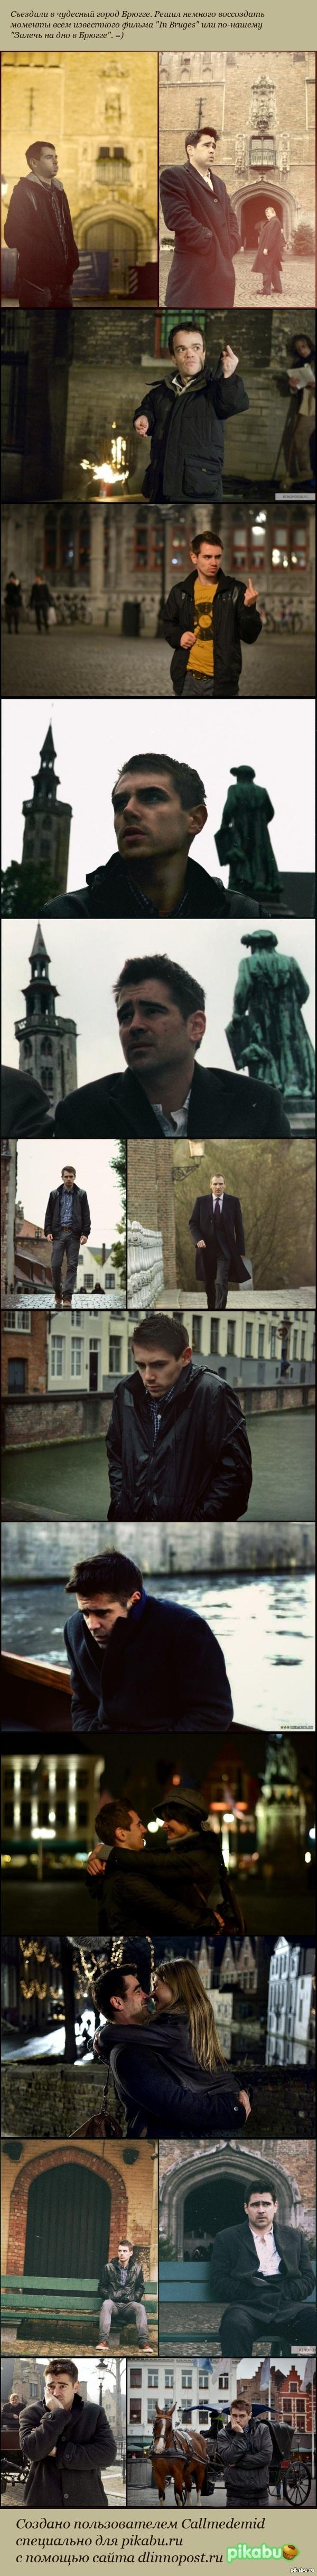 """Поприкалывались на тему фильма """"In Bruges"""" Не все идеально, и я, конечно, не Колин Фаррелл, но это все было сделано на ходу и поприколу=)"""